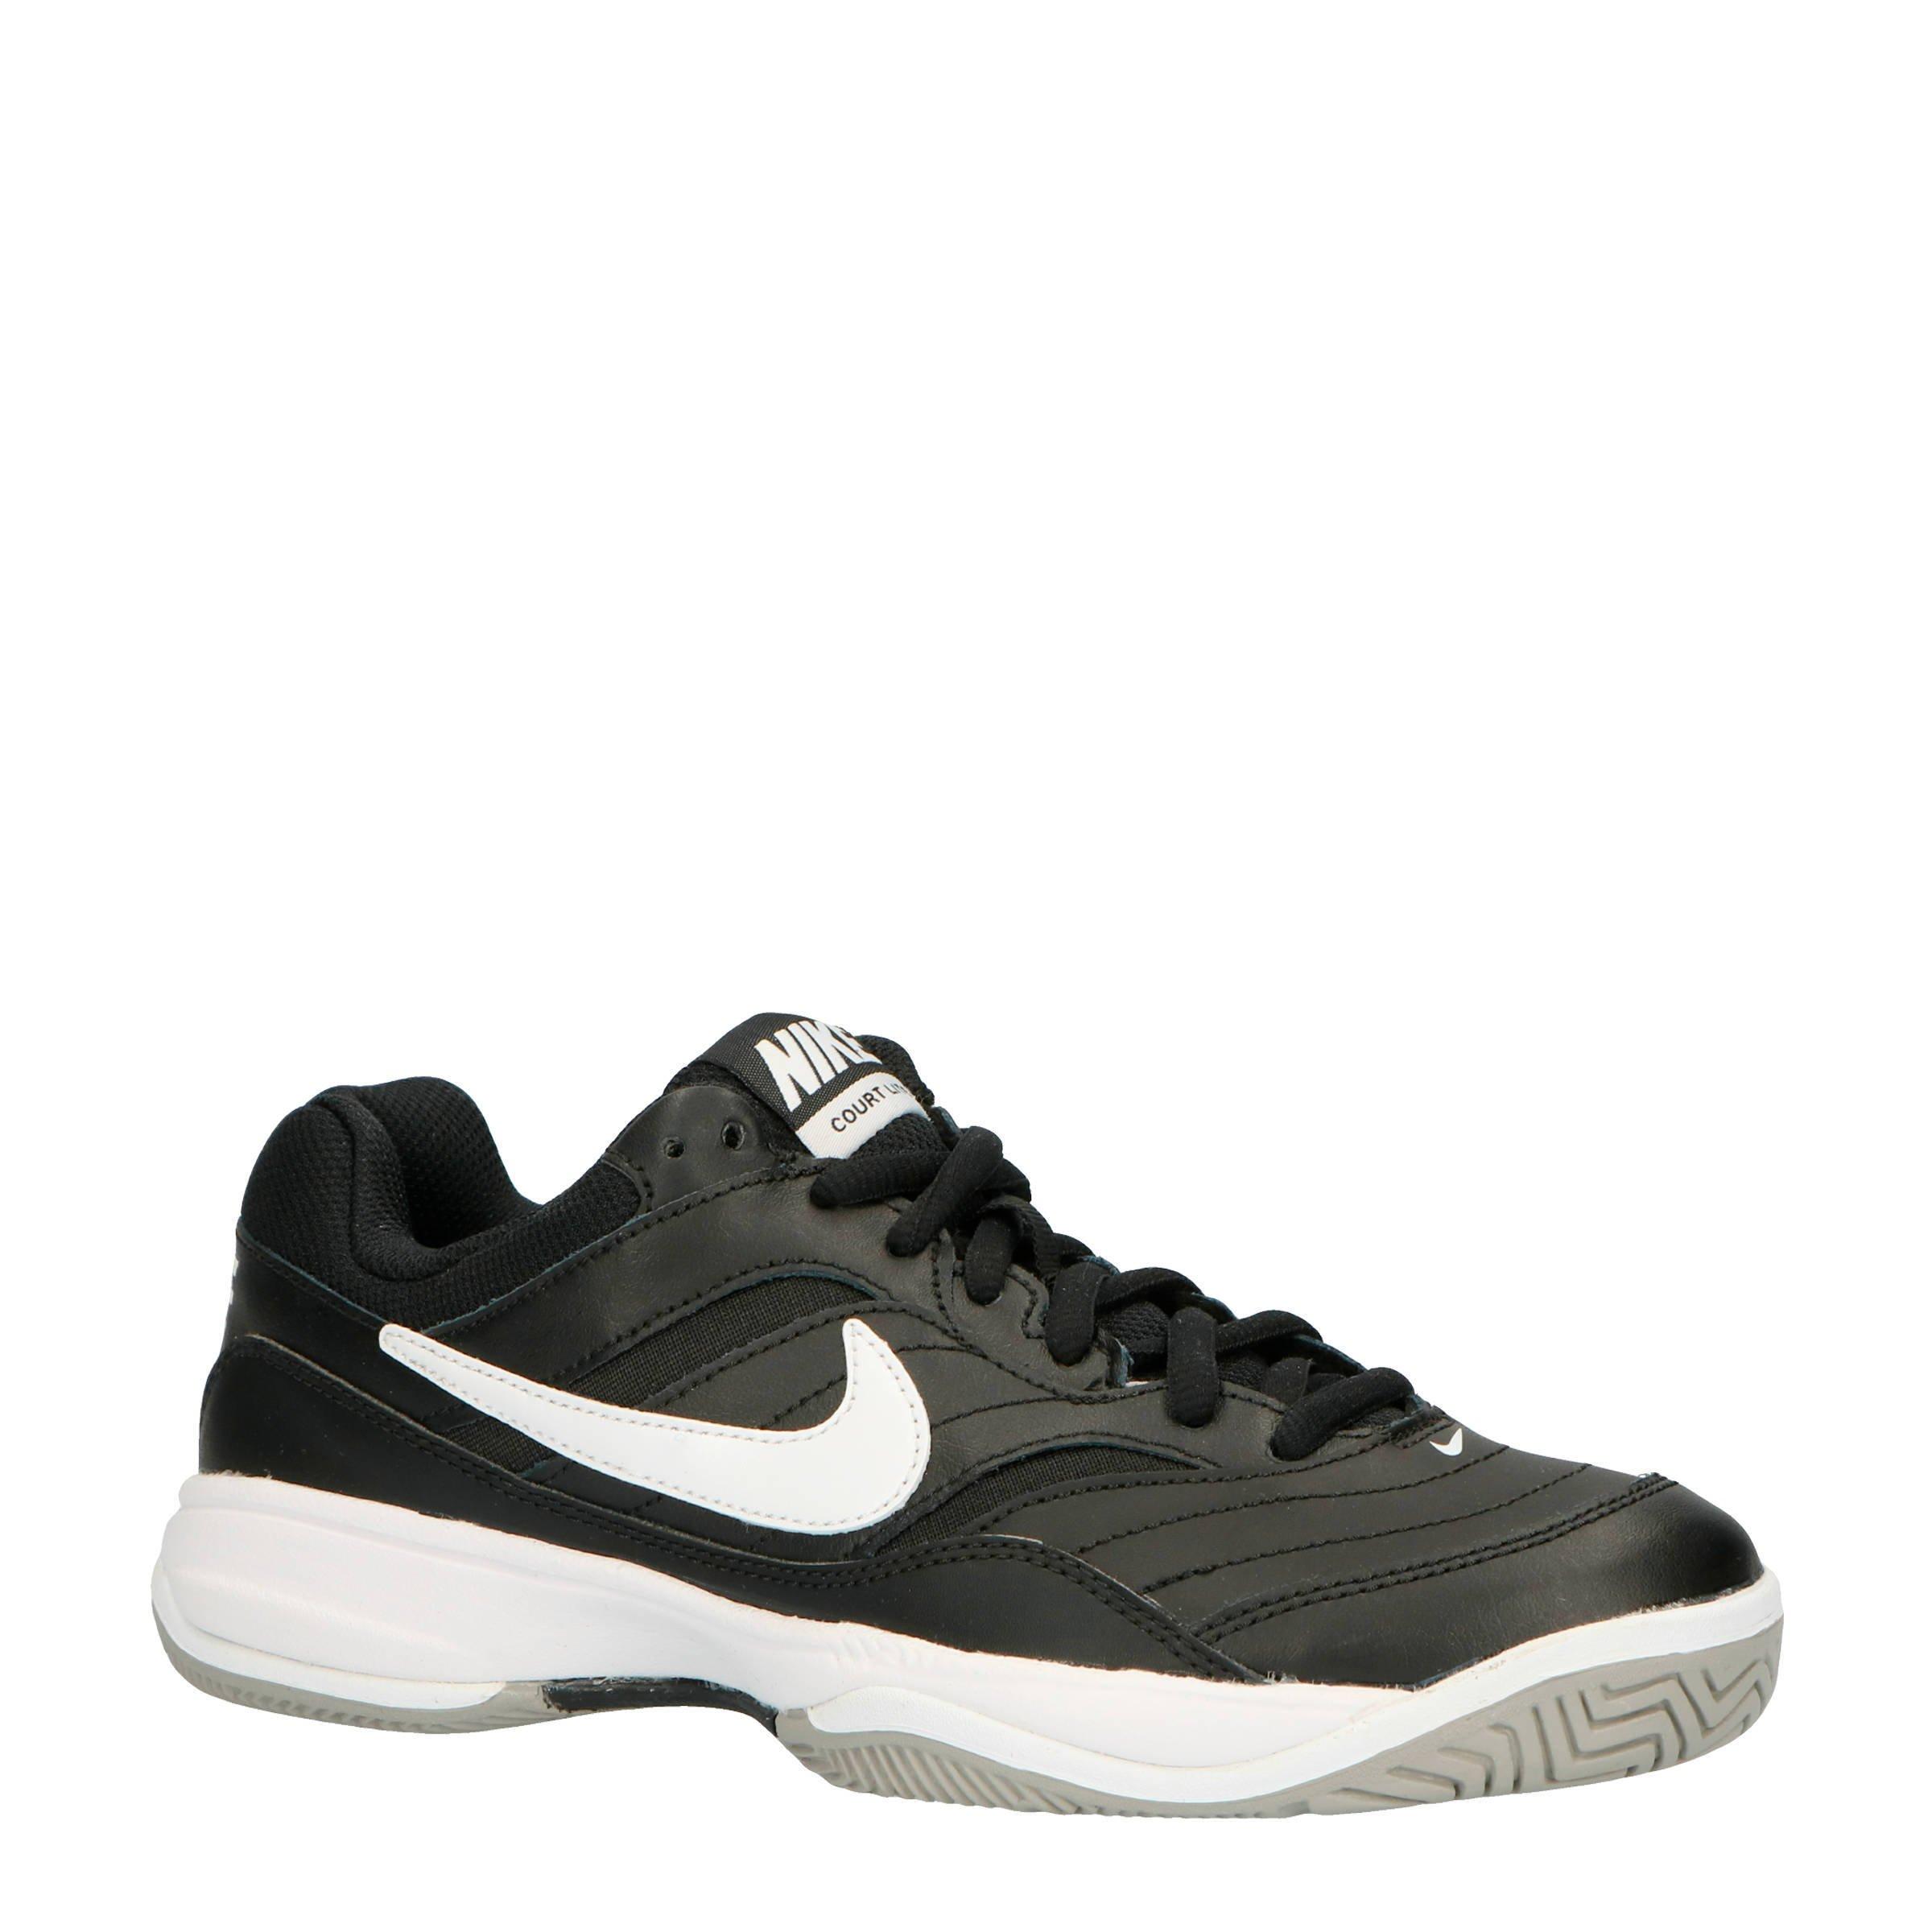 best sneakers d84c7 55664 Tennisschoenen bij wehkamp - Gratis bezorging vanaf 20.-